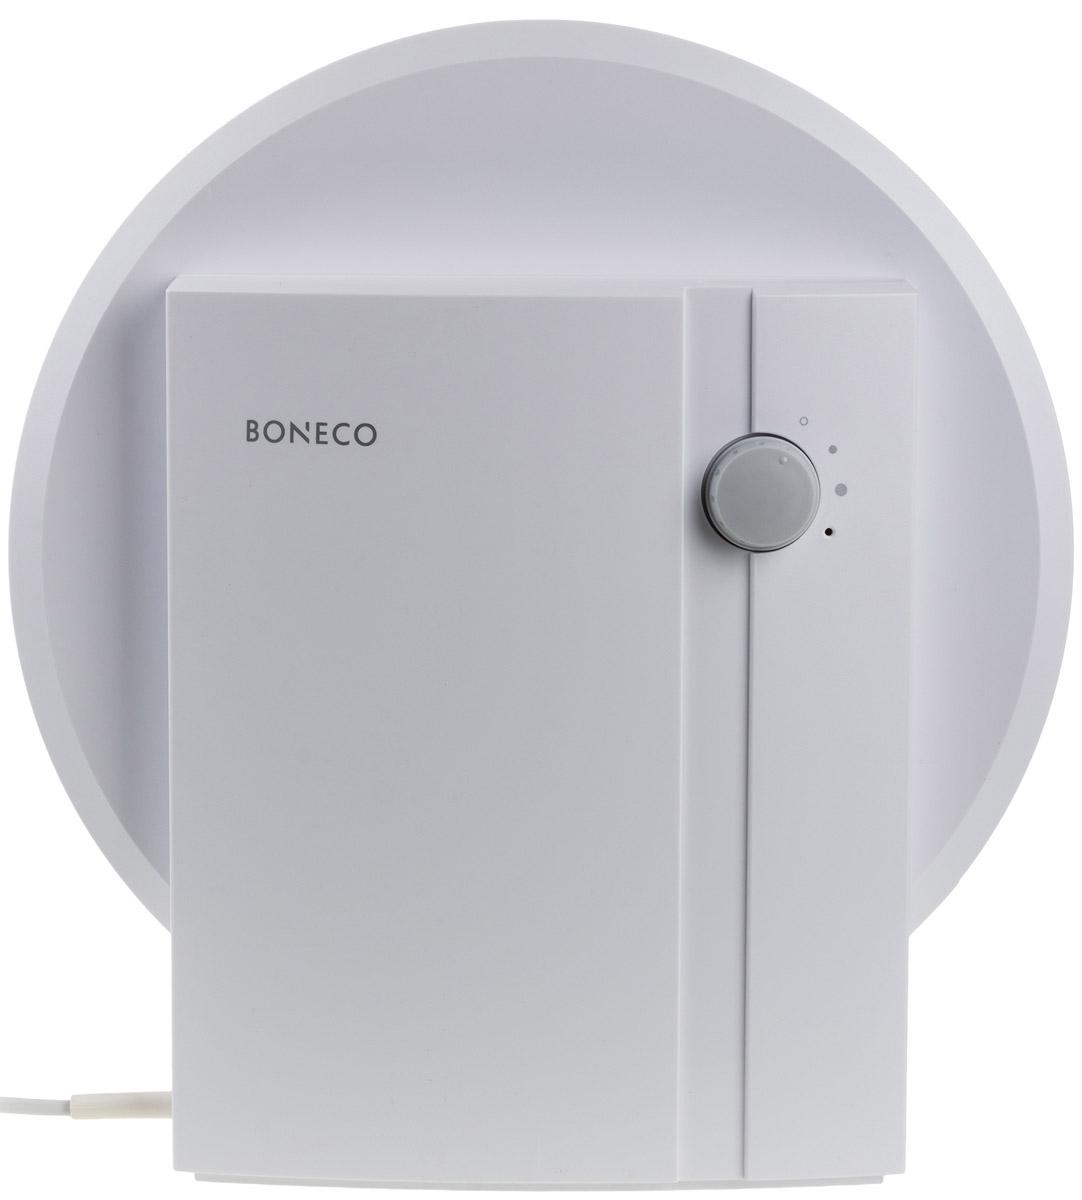 Boneco W1355A мойка воздухаНС-1032821Мойка воздуха Boneco W1355A — эффективный прибор для увлажнения и очистки воздуха в жилых и офисных помещениях. Boneco W1355A отличается от своих «коллег» по товарной категории достаточно скромным функционалом. Однако это никак не отражается на эффективности работы серии W1355A. Увлажнение и очистка воздуха в приборе Boneco W1355A осуществляется без использования сменных фильтров, поскольку роль сменных фильтров выполняет вода. Прибор может работать в двух режимах: более и менее интенсивный («ночной» режим). Boneco W1355A демонстрирует высокую эффективность при крайне низком энергопотреблении. Увлажнение и очистка воздуха осуществляется без использования химикатов.Рекомендуемая площадь/объем обслуживаемого помещения: не более 50 м2/125 м3.